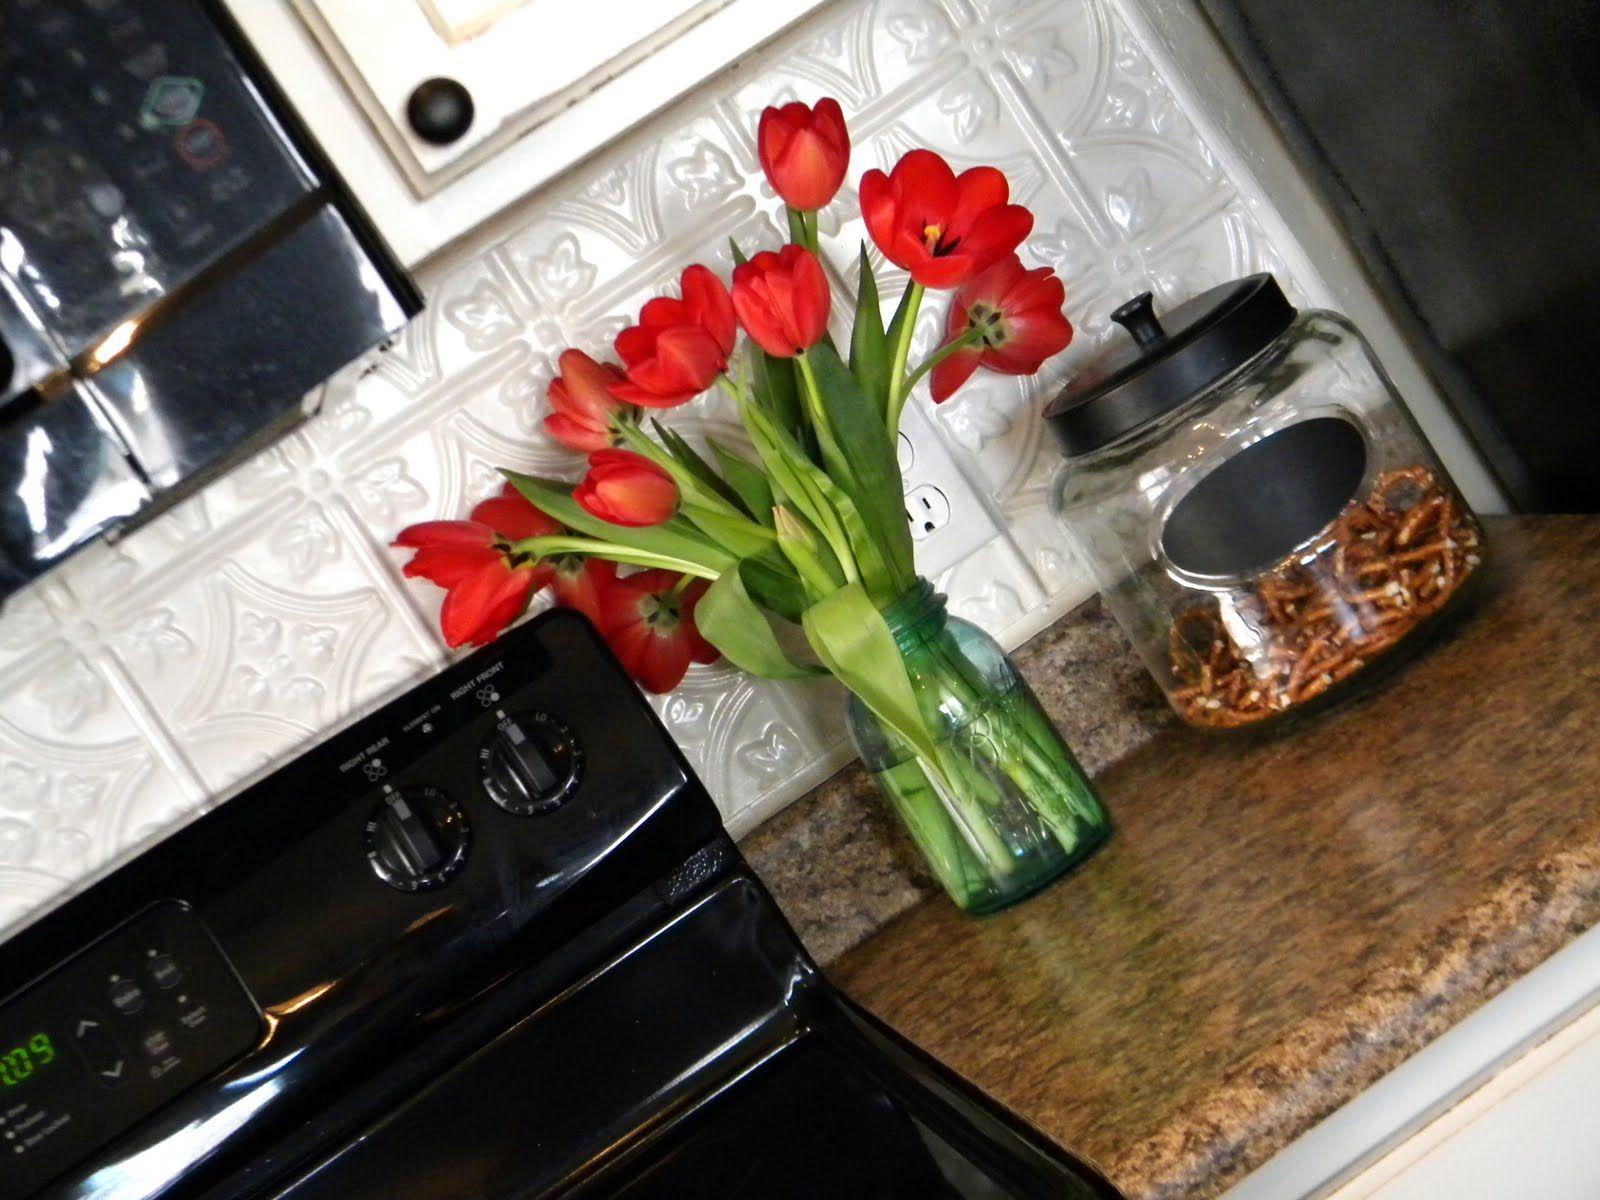 3 Bp Blogspot Com Ssq2igsadgm Txqnn3w3k I Aaaaaaaacj8 7h Wlu Mway S1600 Kitchen 2b750 Jpg Updating House Grand Designs Tin Ceiling